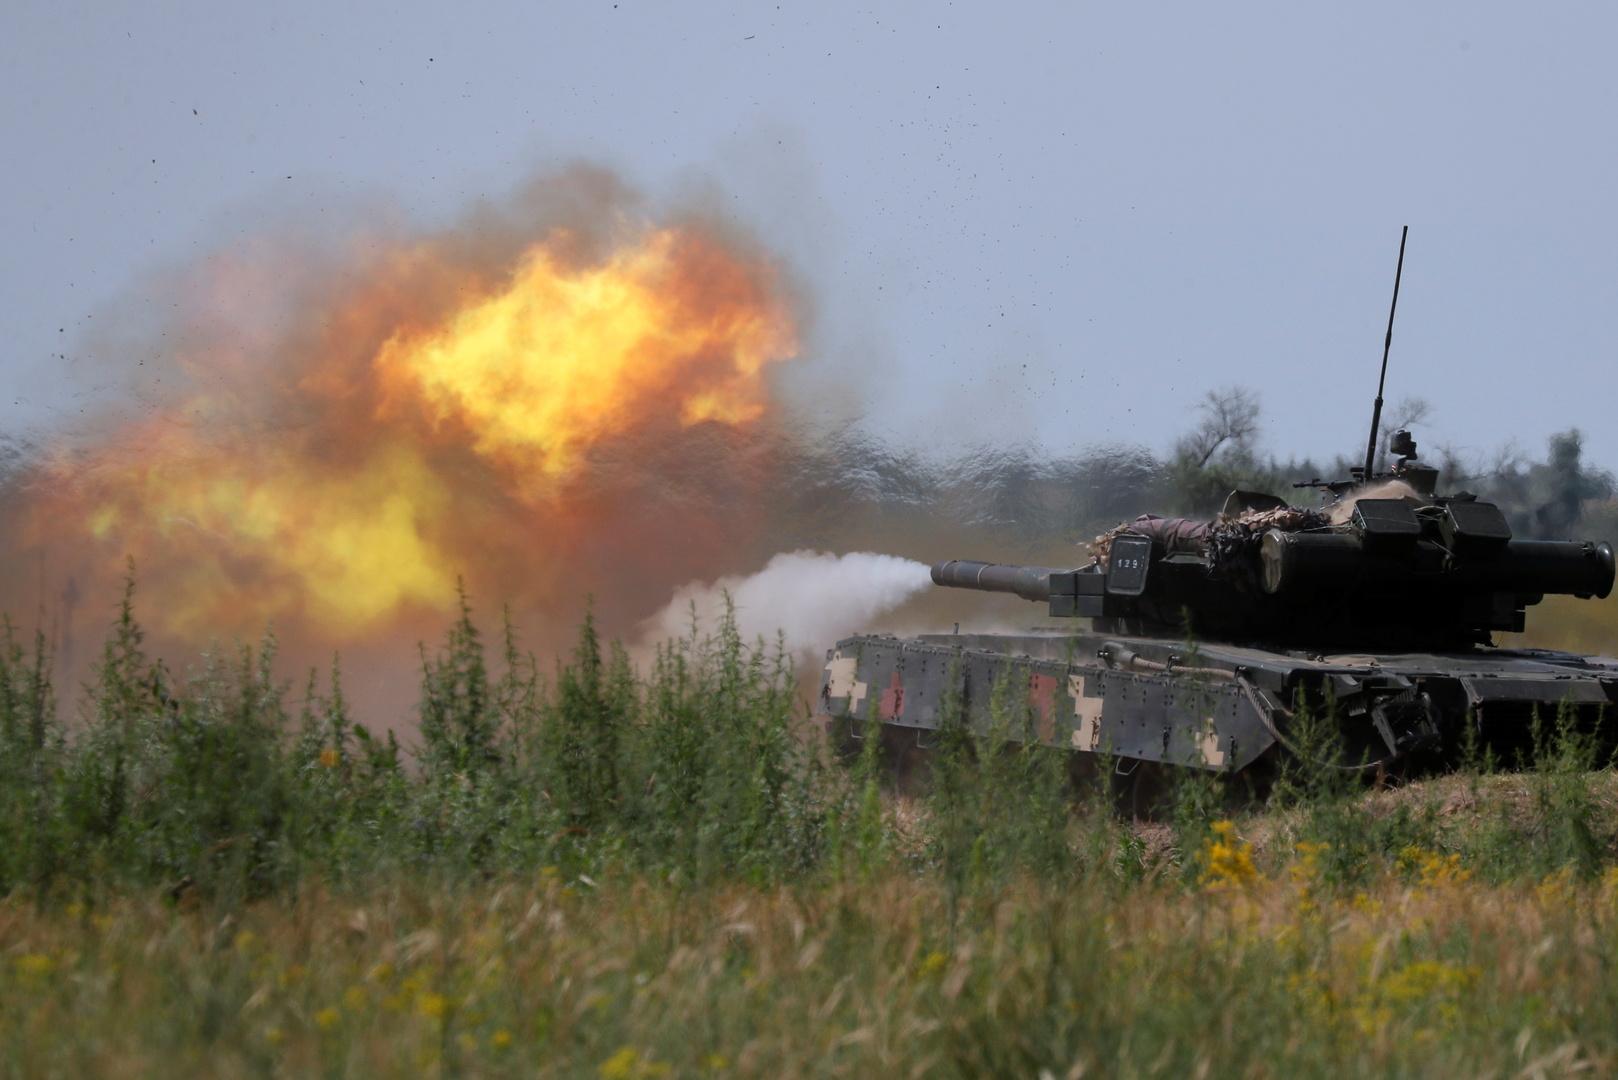 الخارجية الروسية: البحر الأسود أصبح منطقة مواجهة خطيرة بسبب مناورات الناتو